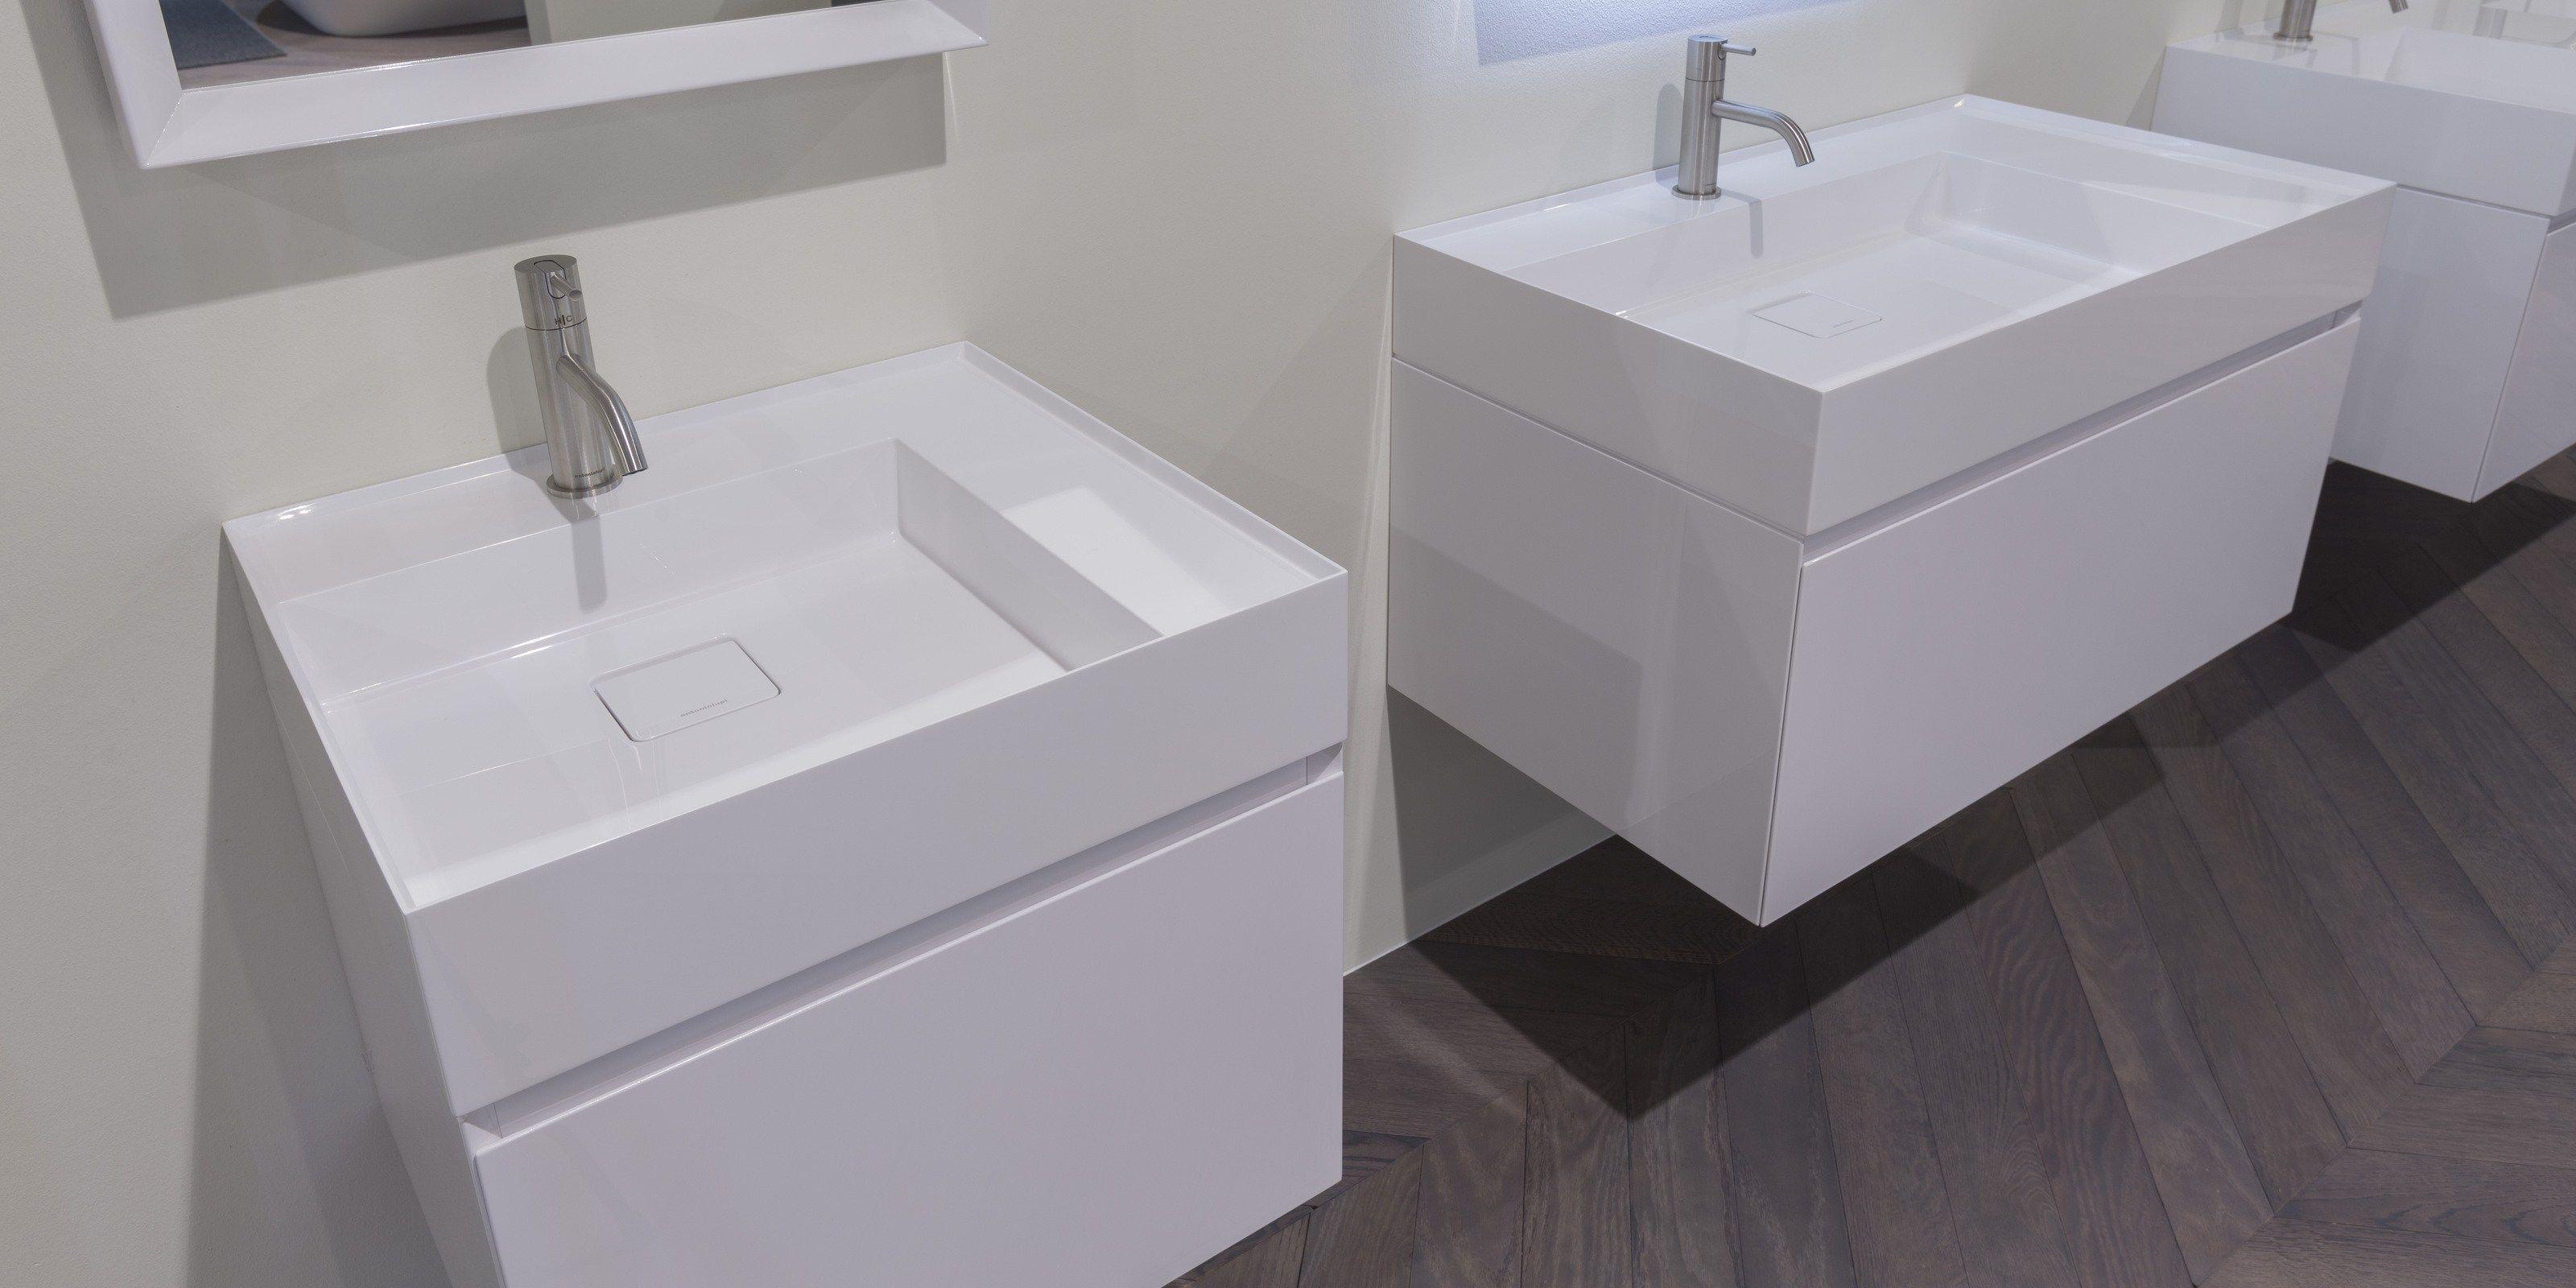 Graffio arredo bagno completo by antonio lupi design for Lupi arredo bagno